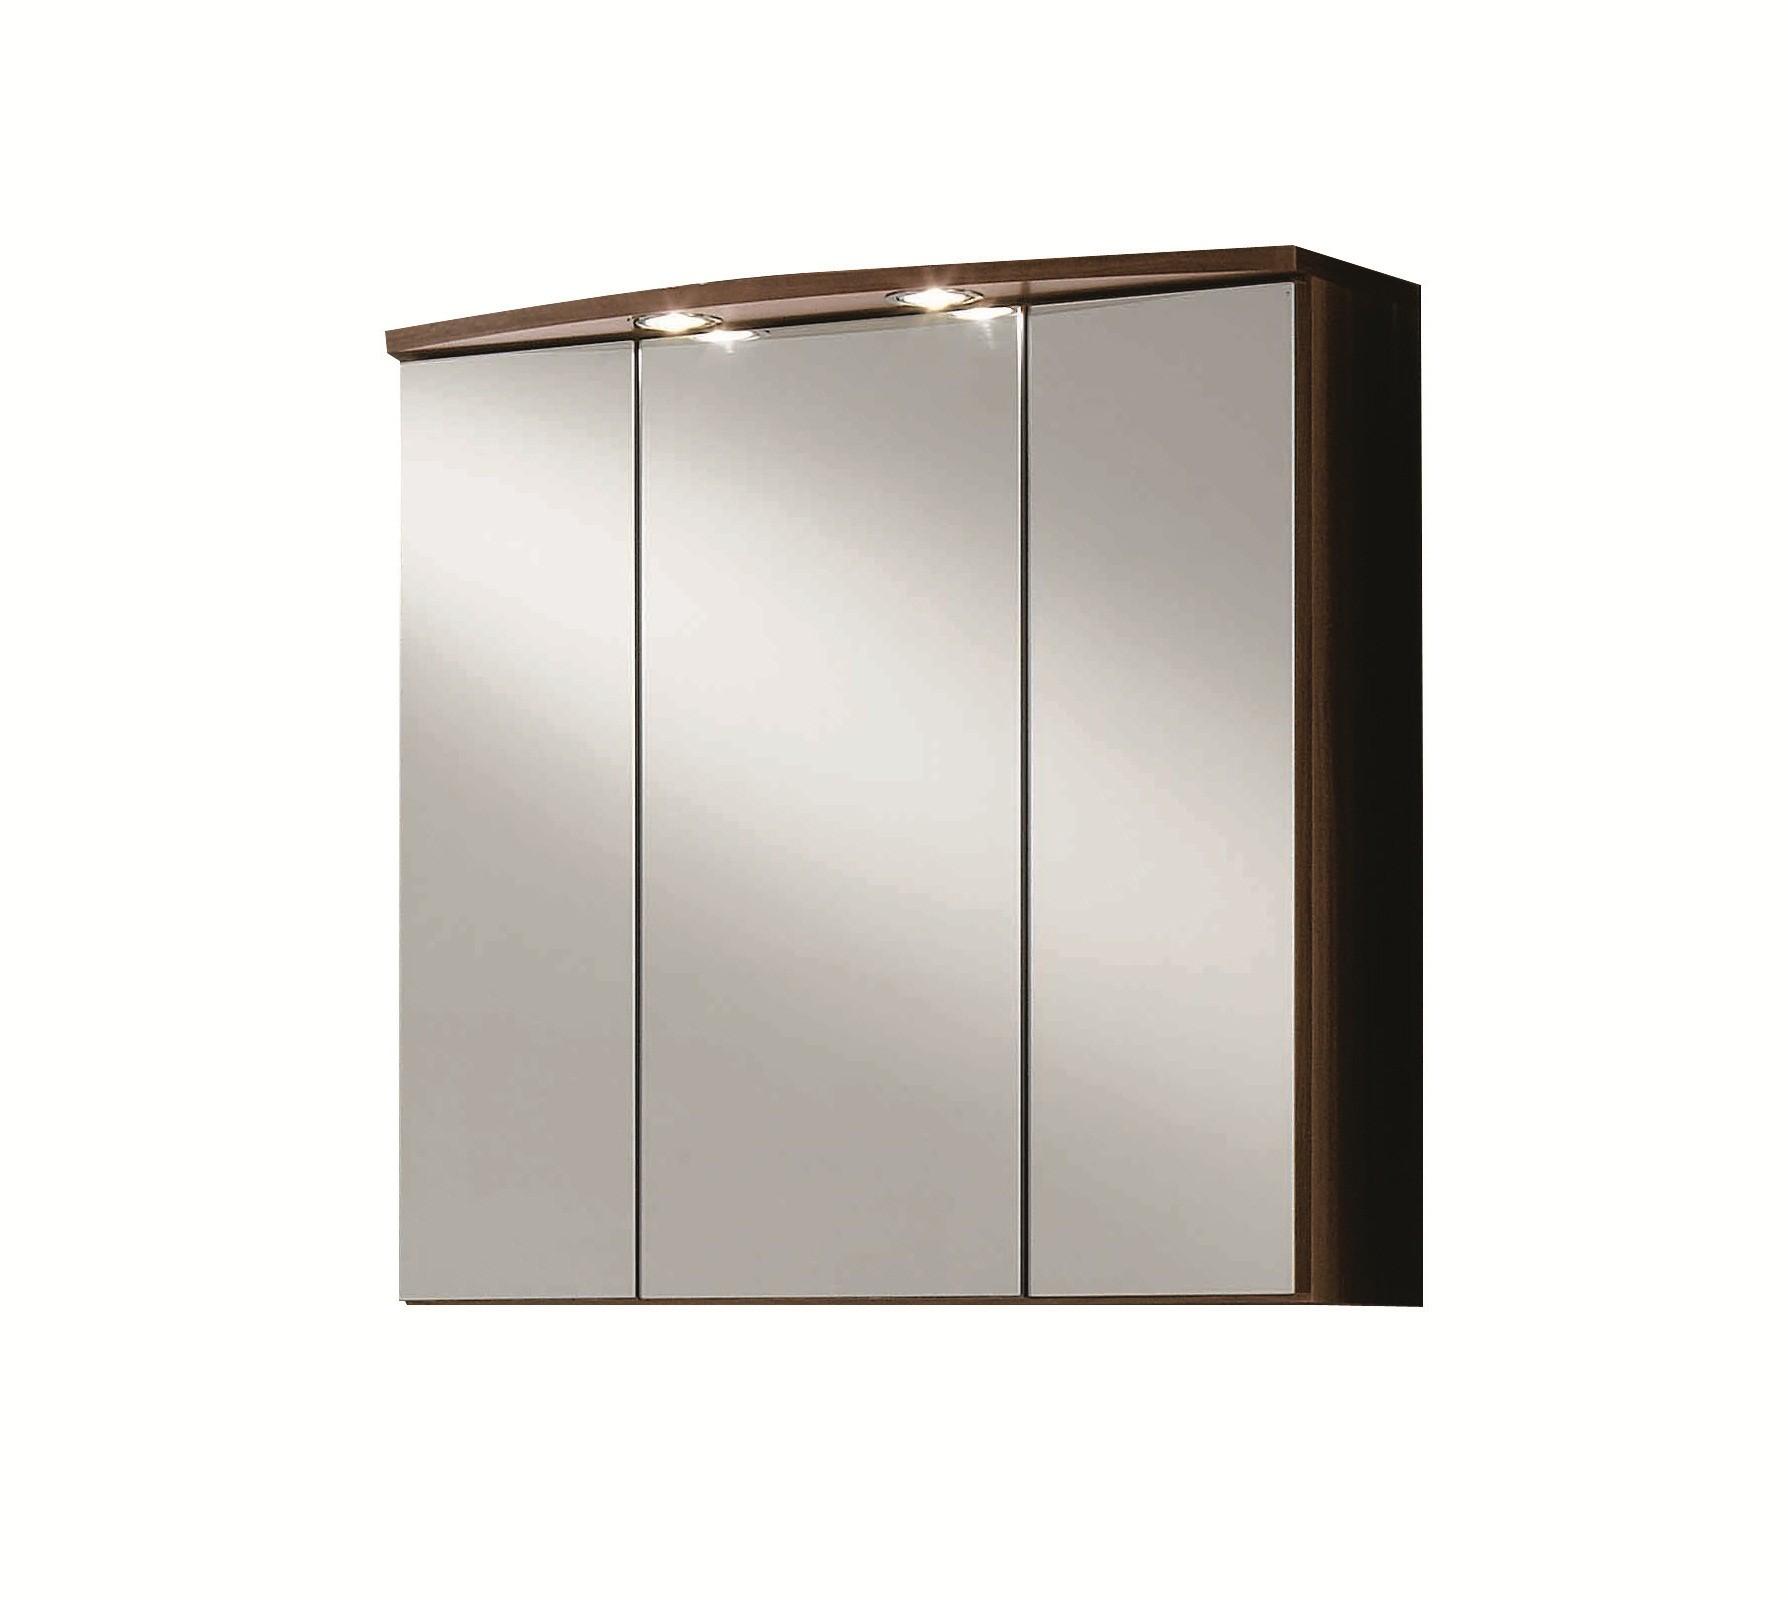 Bad-Spiegelschrank PISA - 3-türig - 70 cm breit - Nussbaum Bad ...